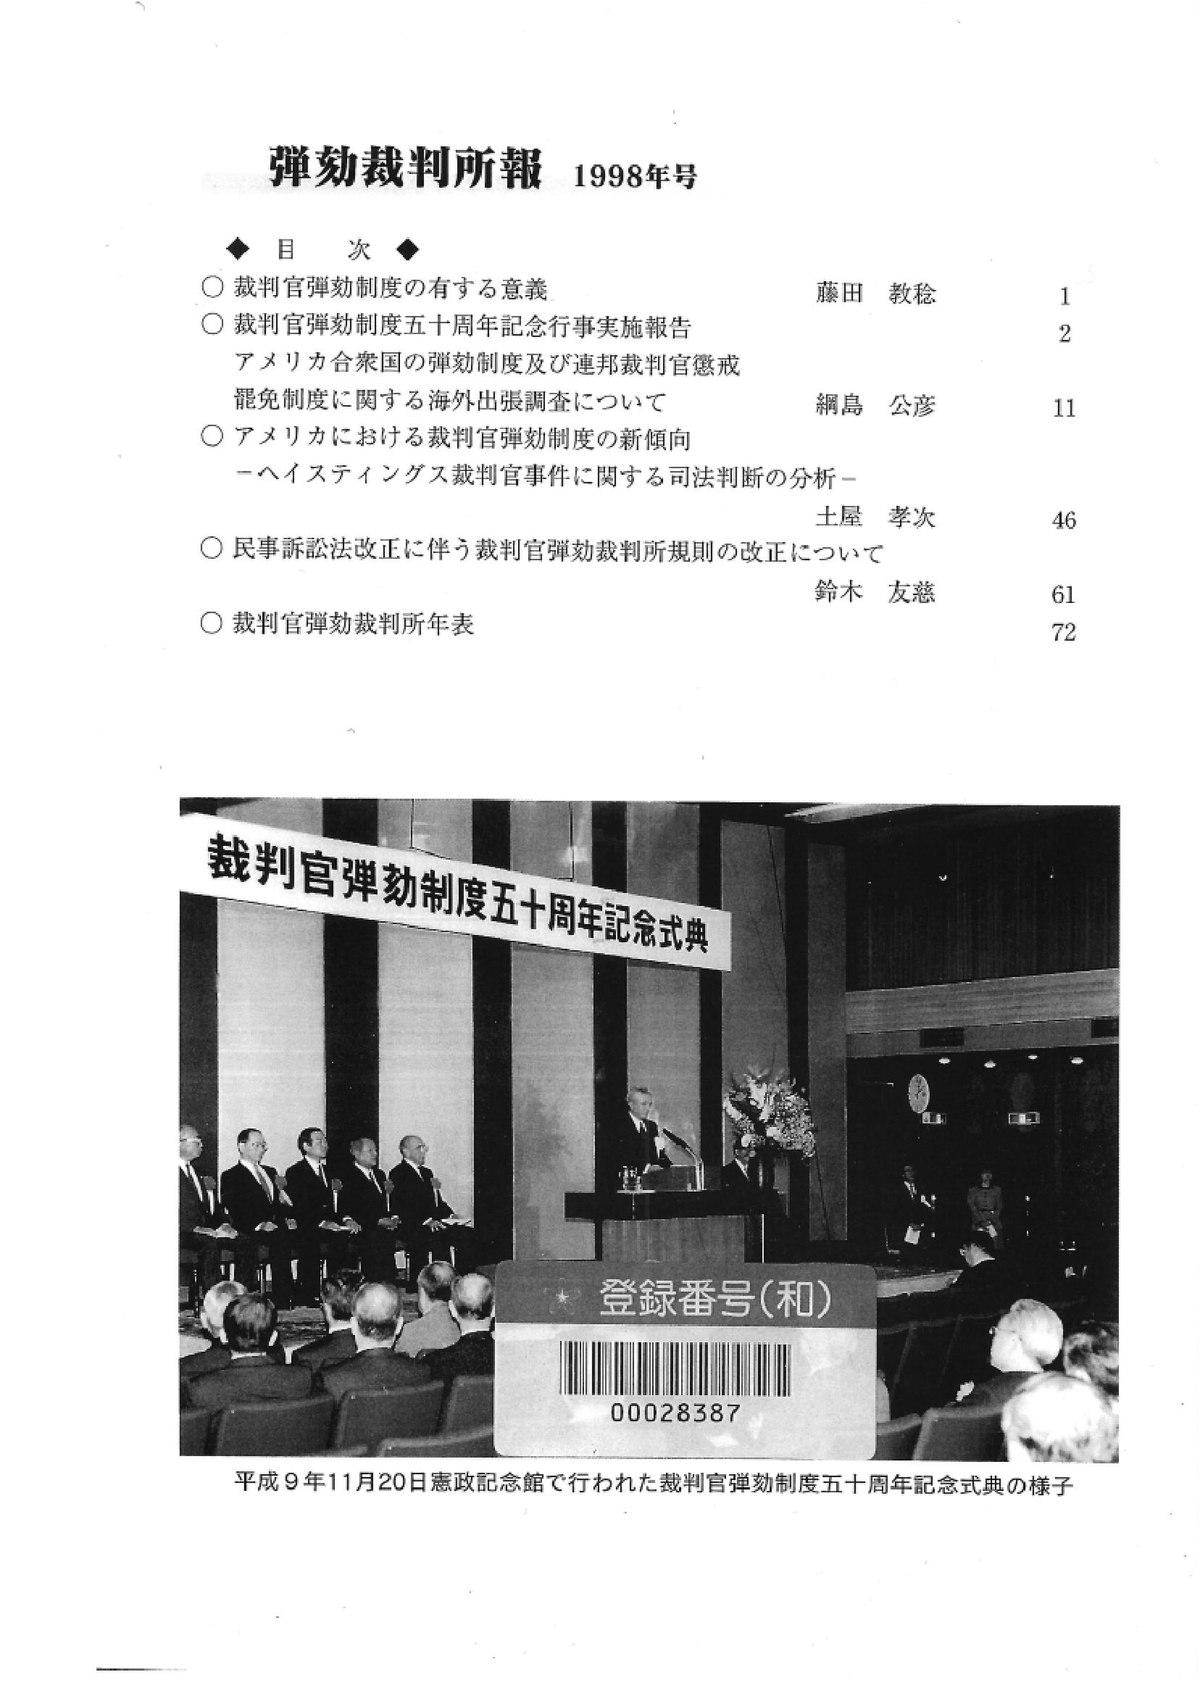 弾劾 裁判 と は 政治弾劾(だんがい)裁判とは何?中学社会定期テスト対策サイト